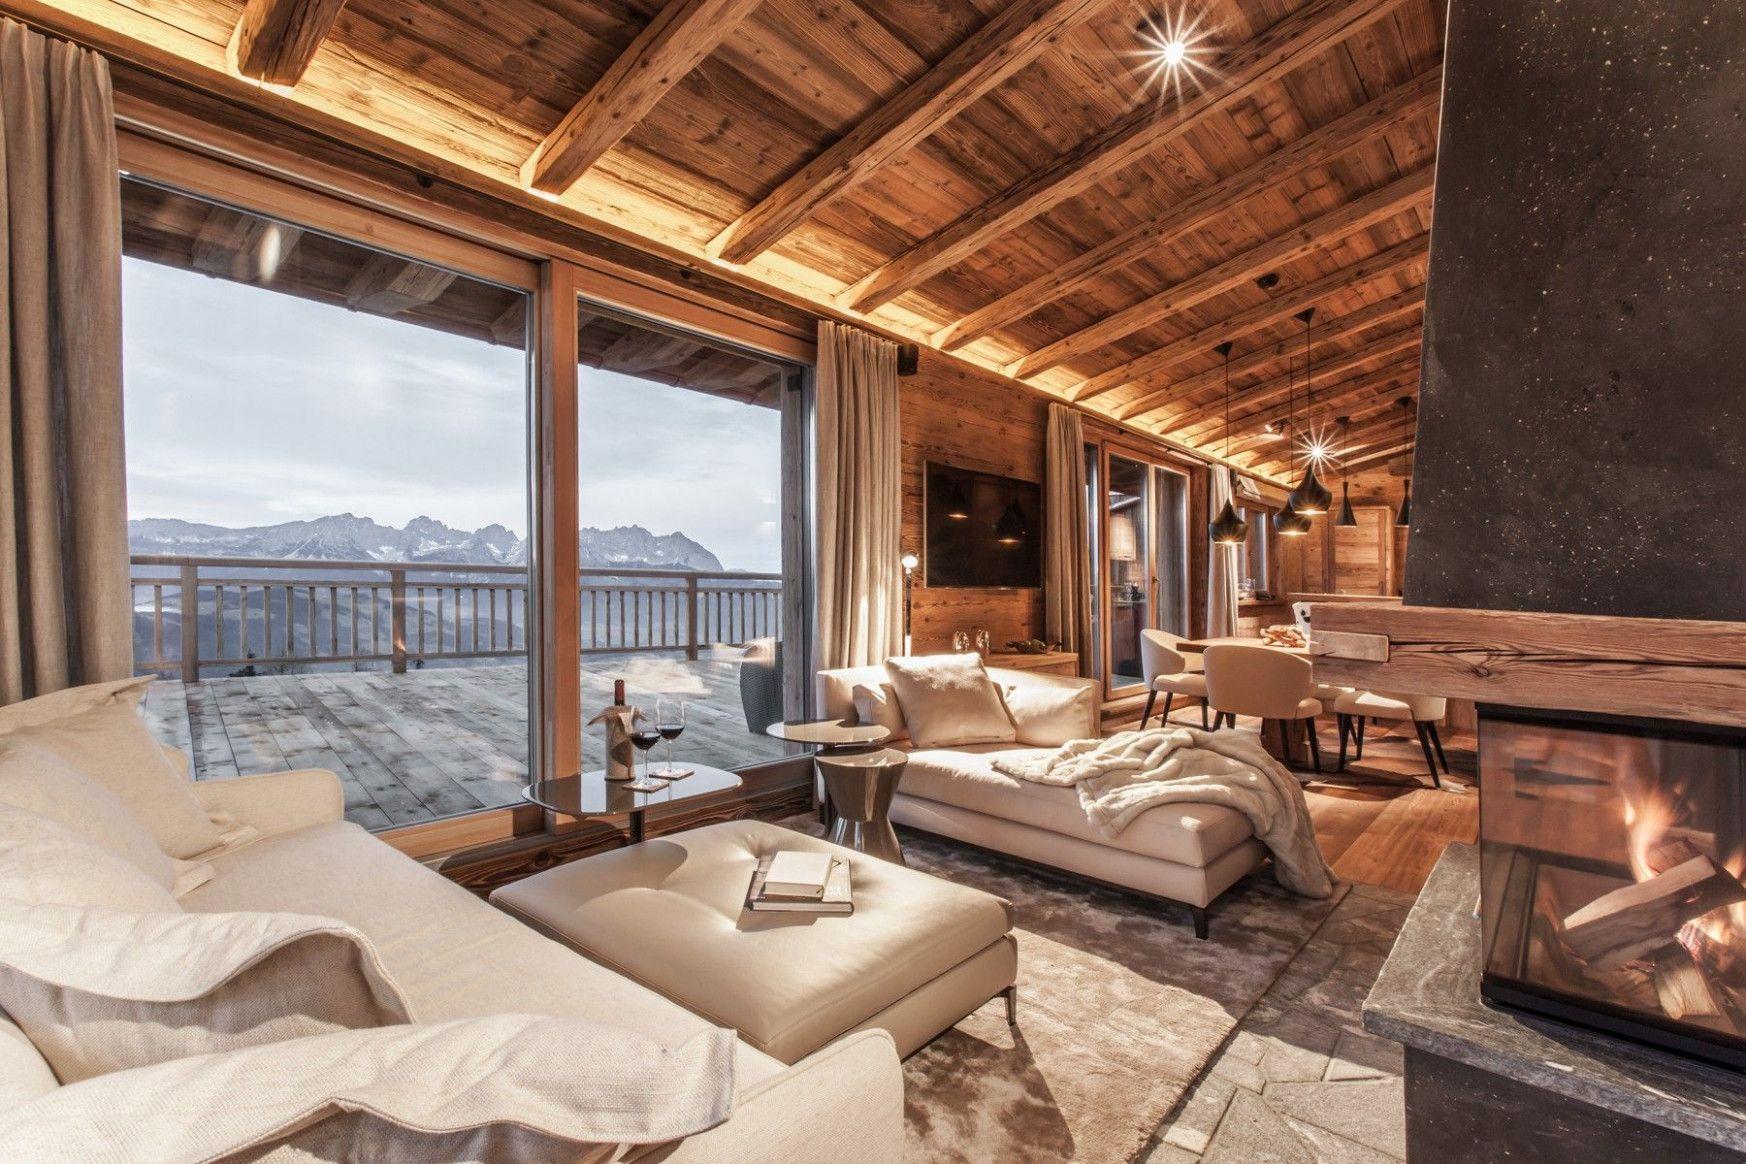 6 Wohnzimmer Alpin Trendy in 6  Schöner wohnen wohnzimmer